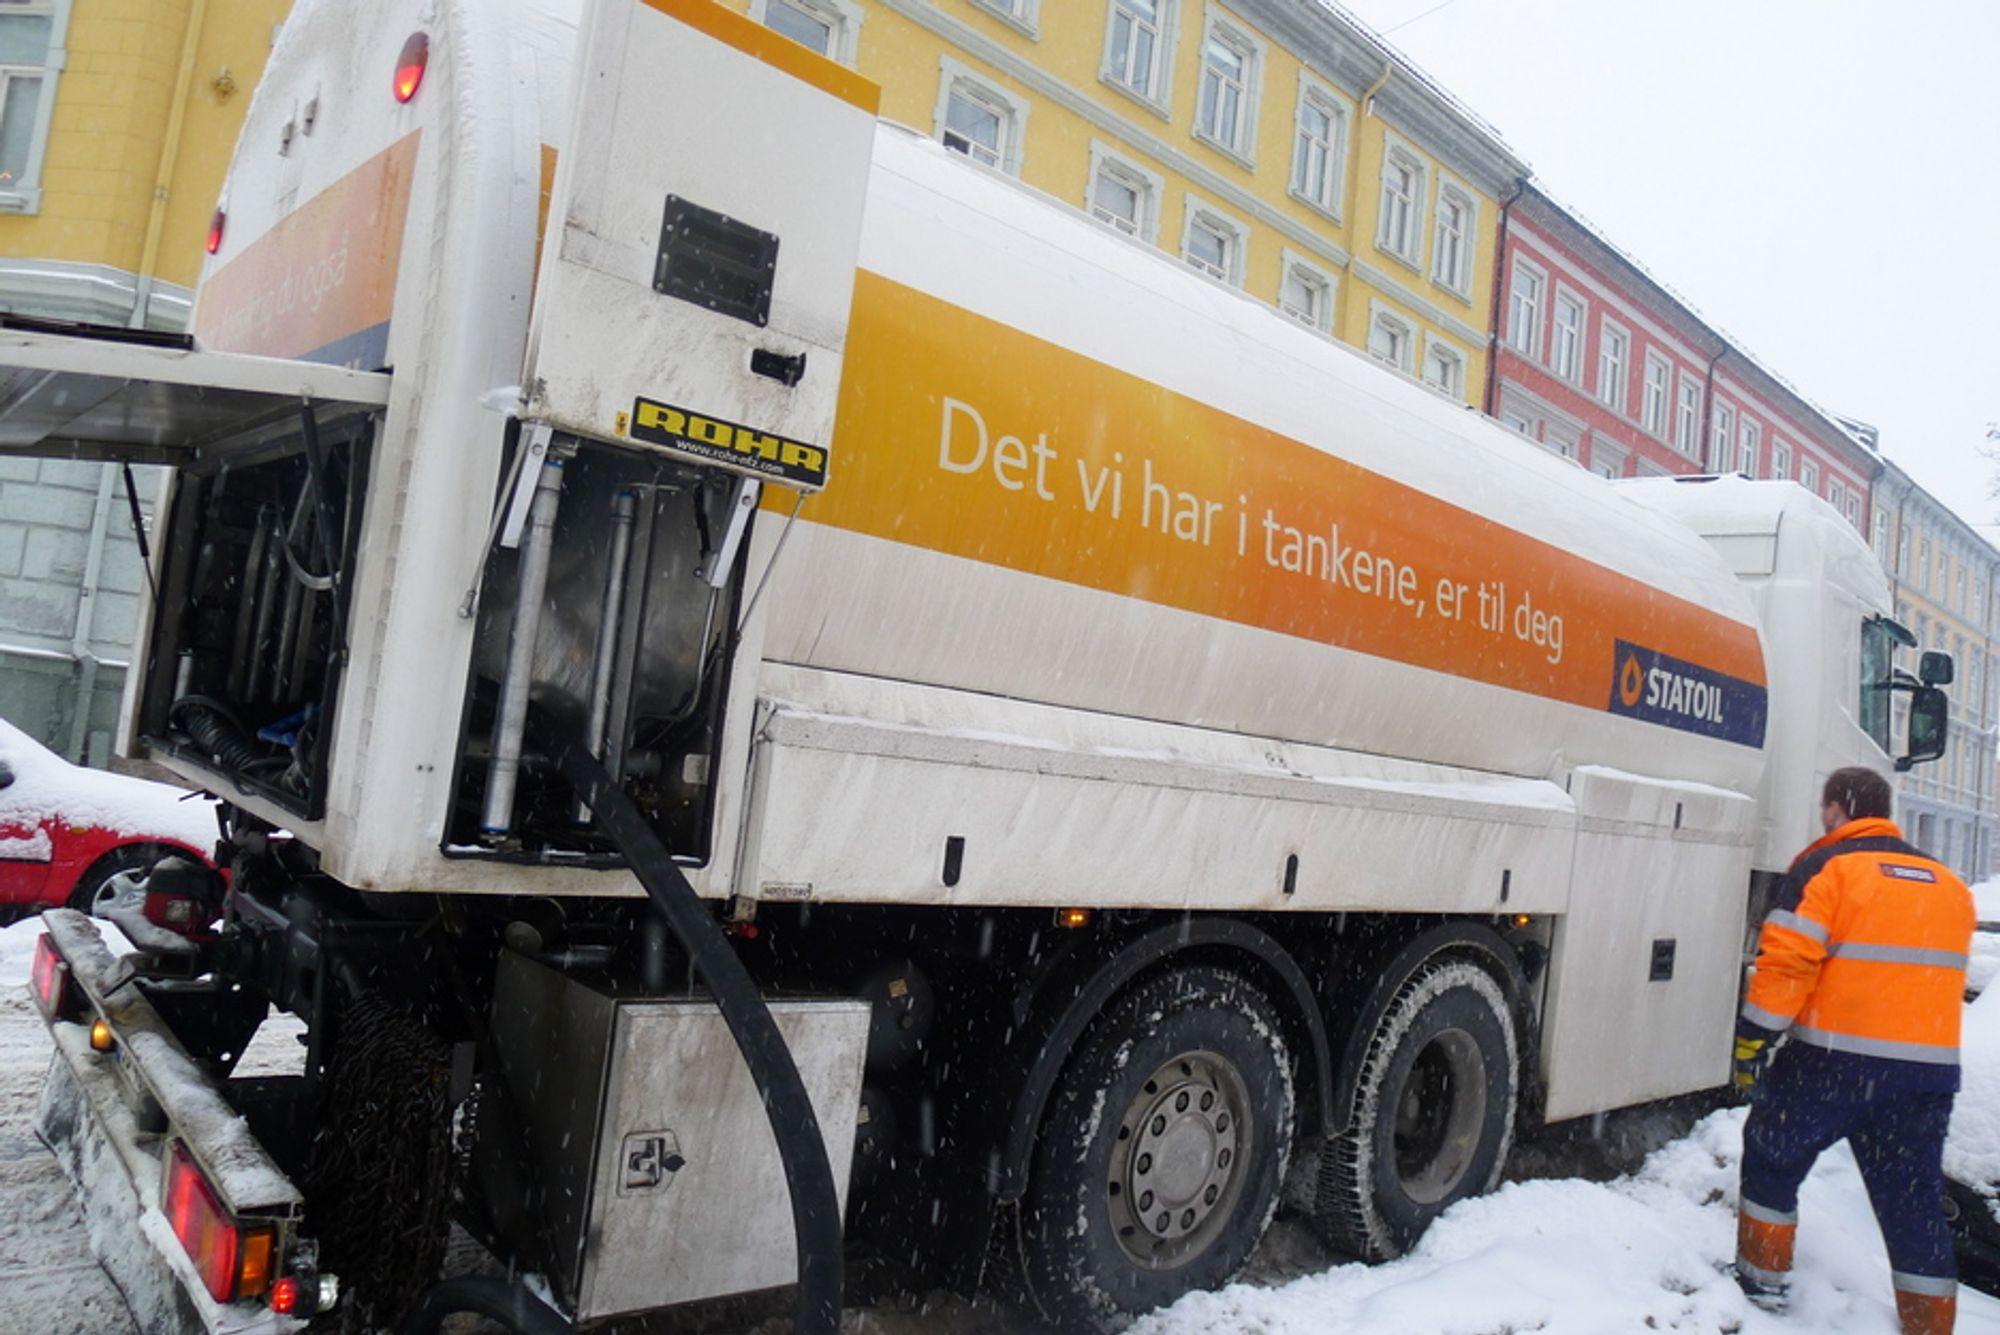 VENTETID: Statoil Norge har ekstraordinær lang leveringstid på fyringsolje i enkelte områder. Etterspørselen har eksplodert.